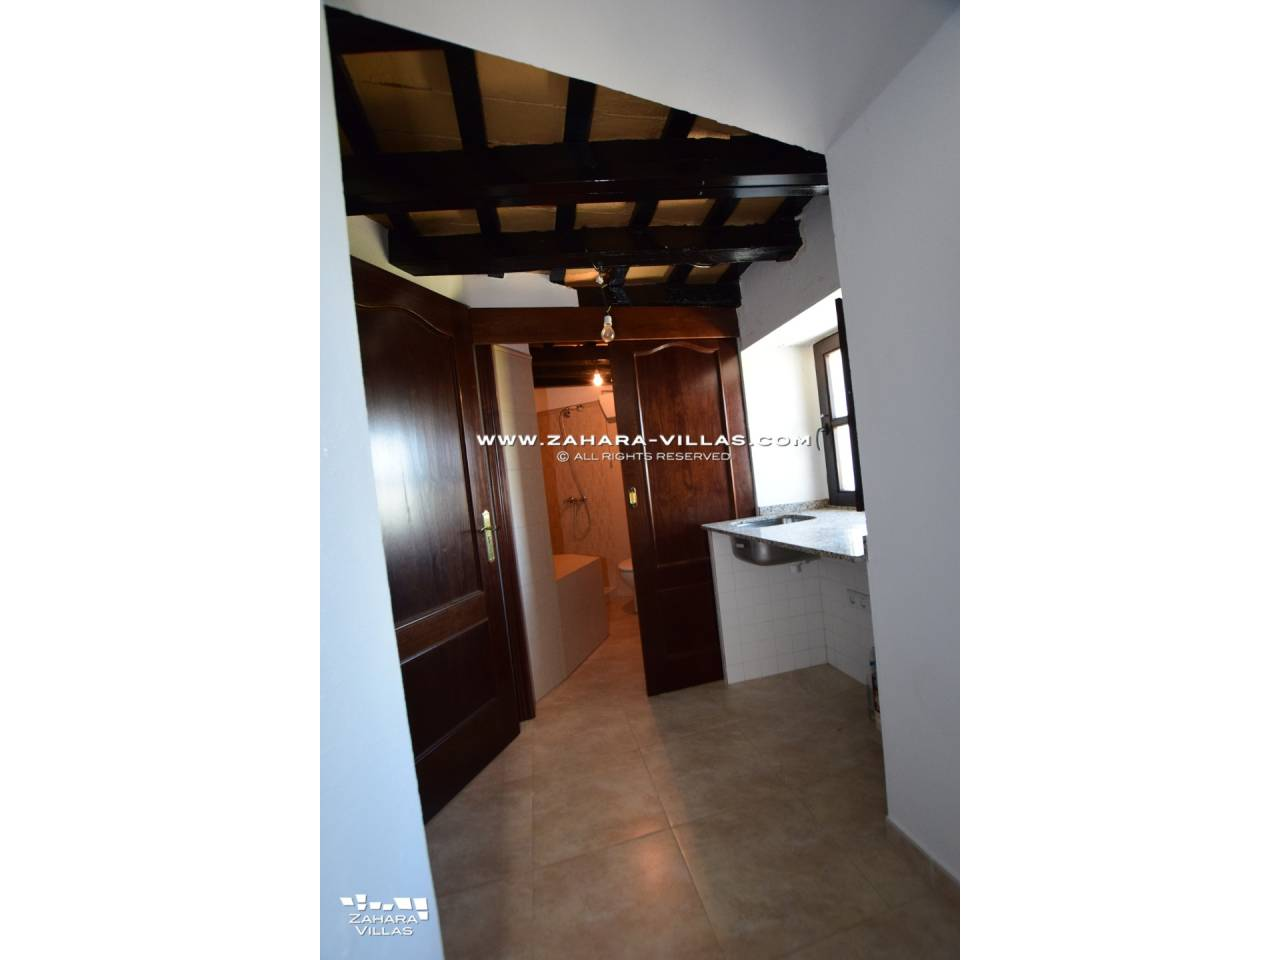 Imagen 27 de Apartamento y Estudio en pleno centro